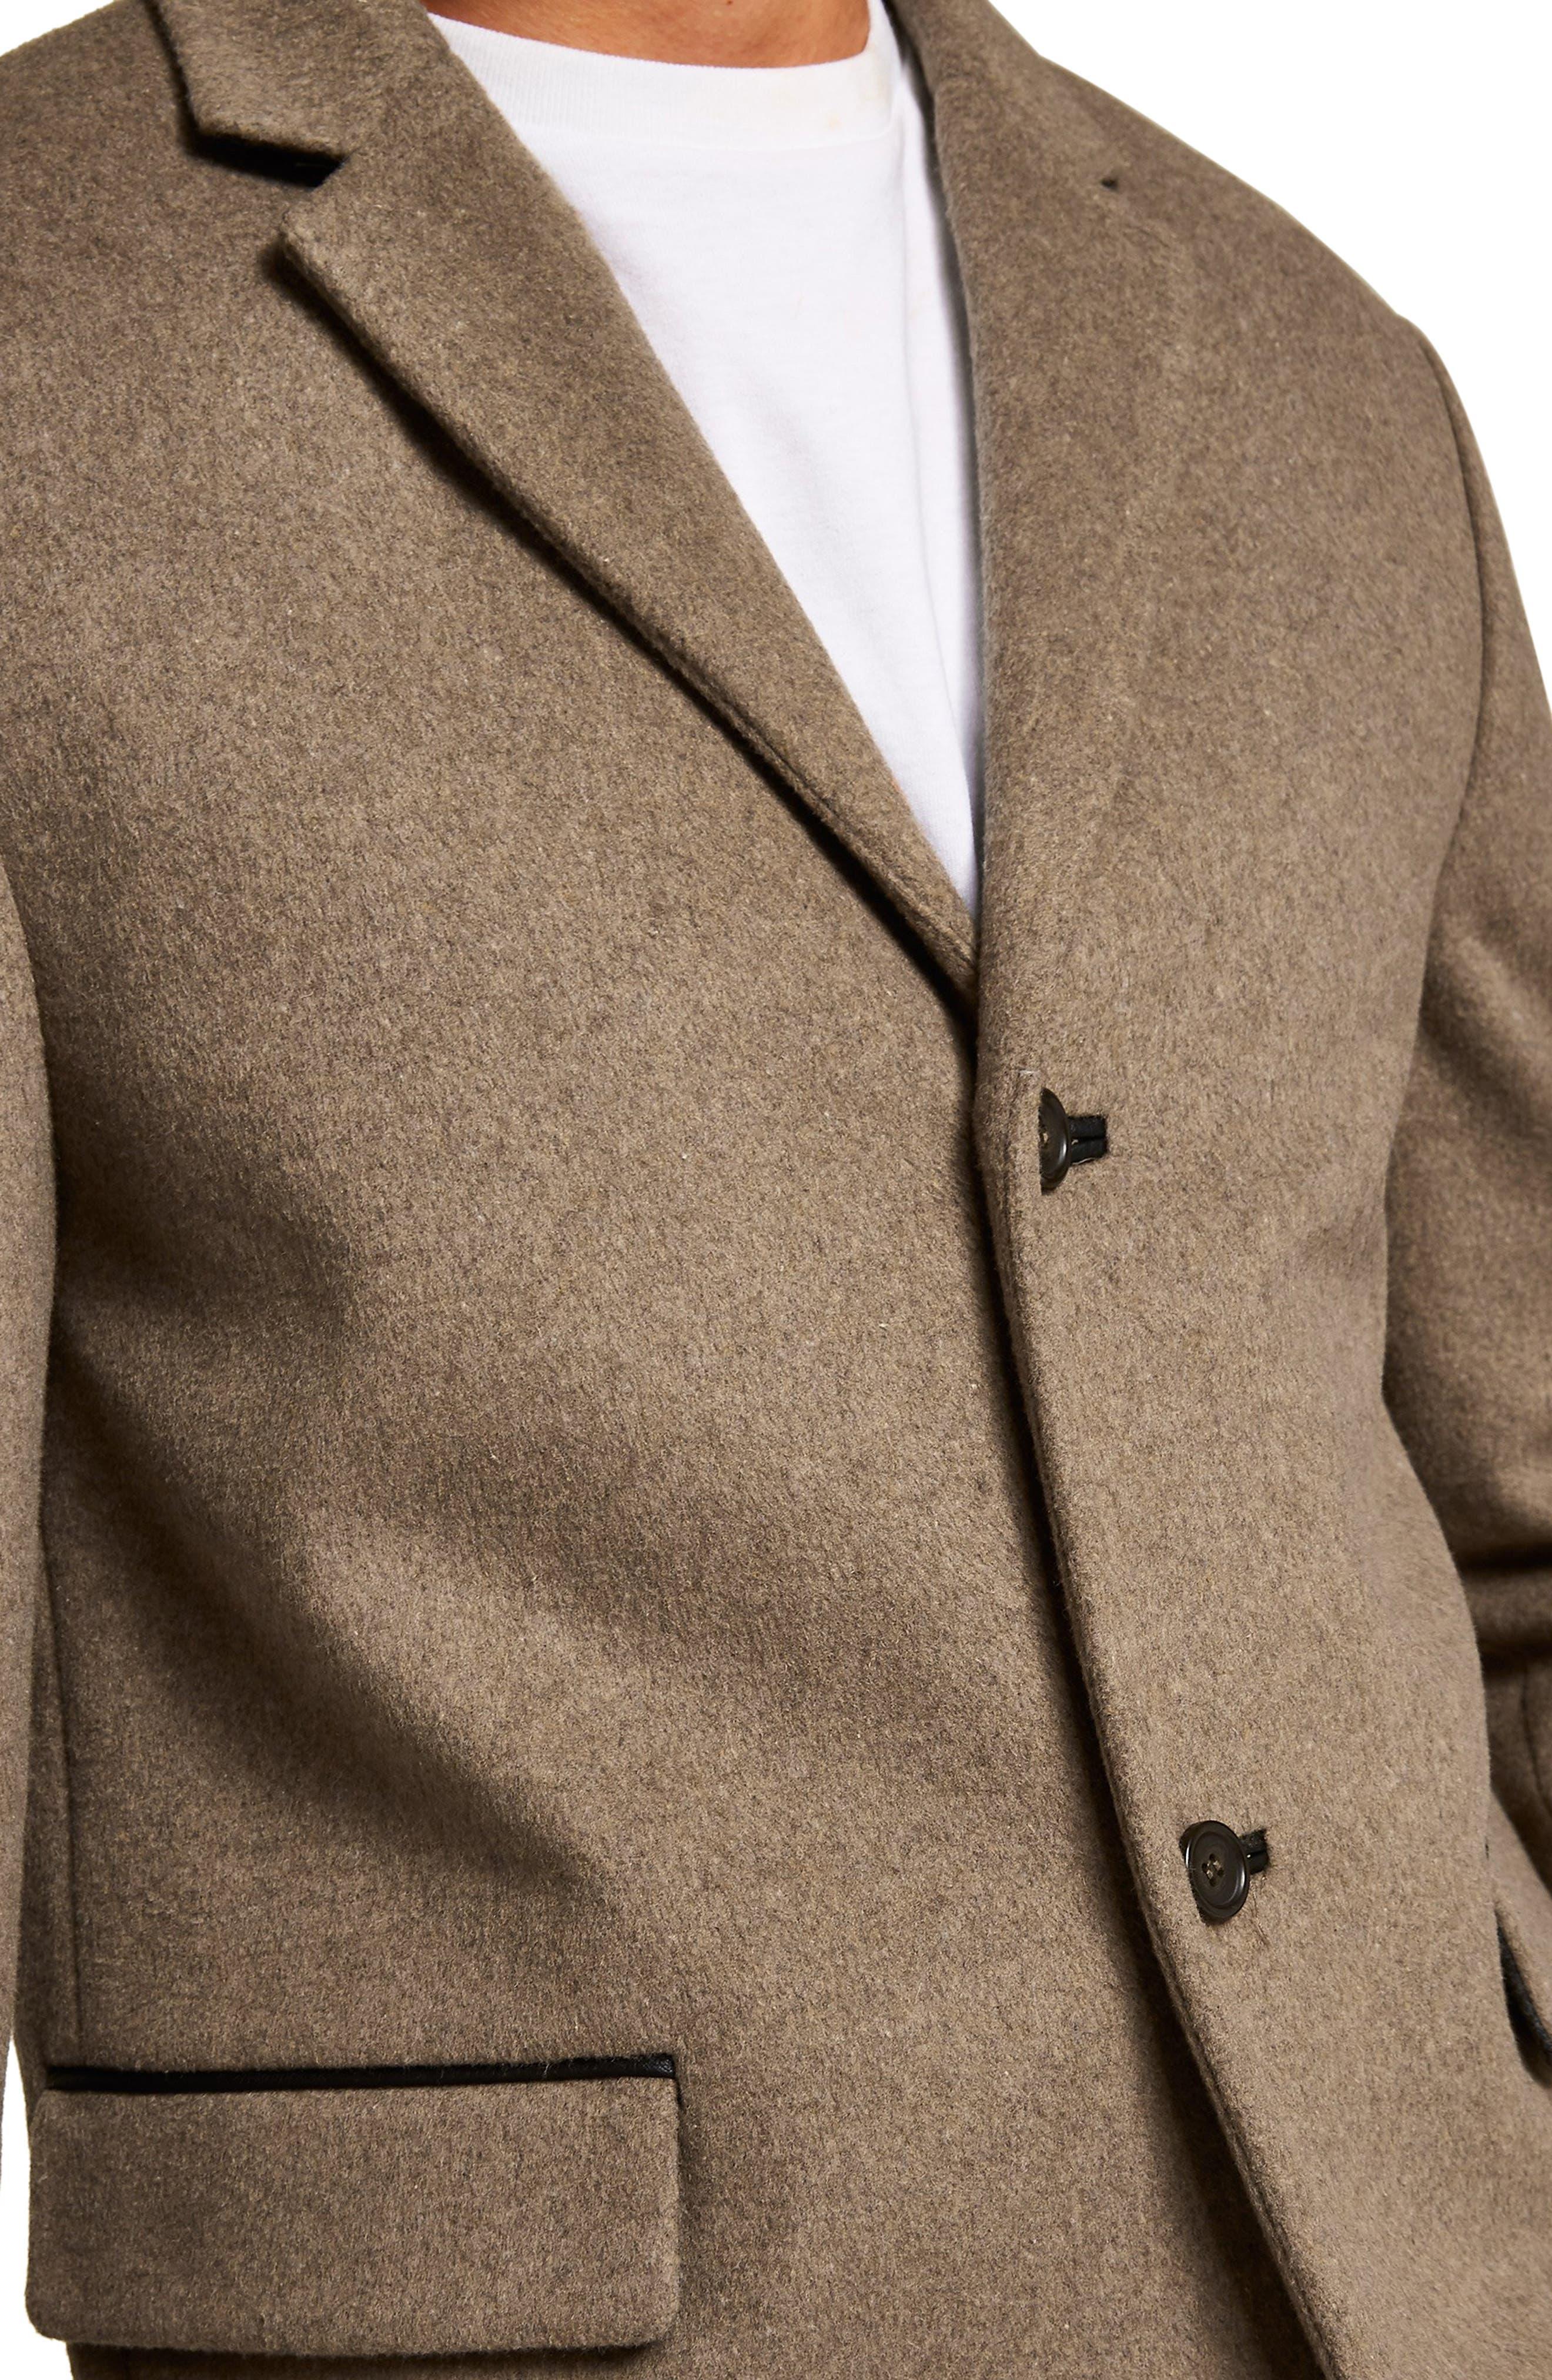 Wool Blend Overcoat,                             Alternate thumbnail 3, color,                             LIGHT BROWN